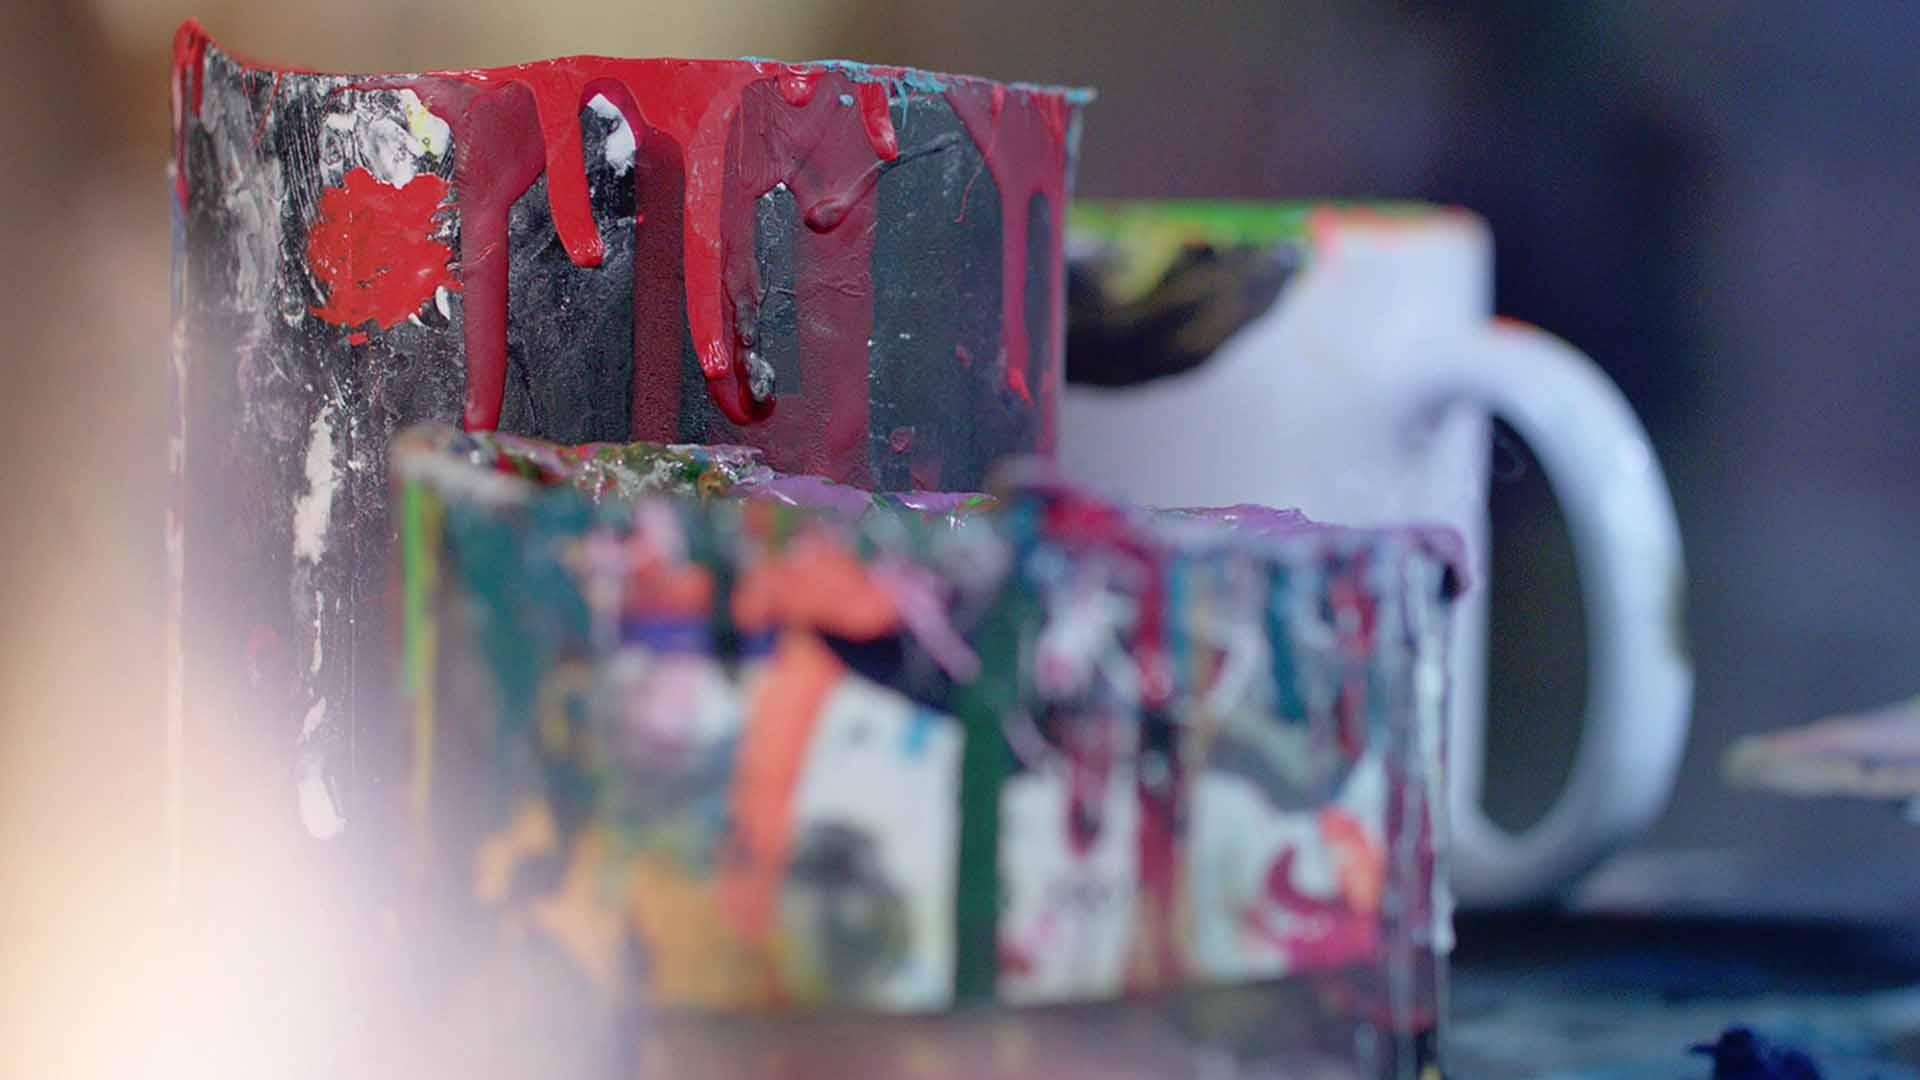 Das Bild zeigt einen Farbbecher. In diesem wurden verschiedene Farben gemischt. Tropfen aus Farben laufen an ihm herunter. Das Bild dient als Making Of Bild für den Portfolioeintrag BMW Plant San Luis Potosí Mexico von Panda Pictures.